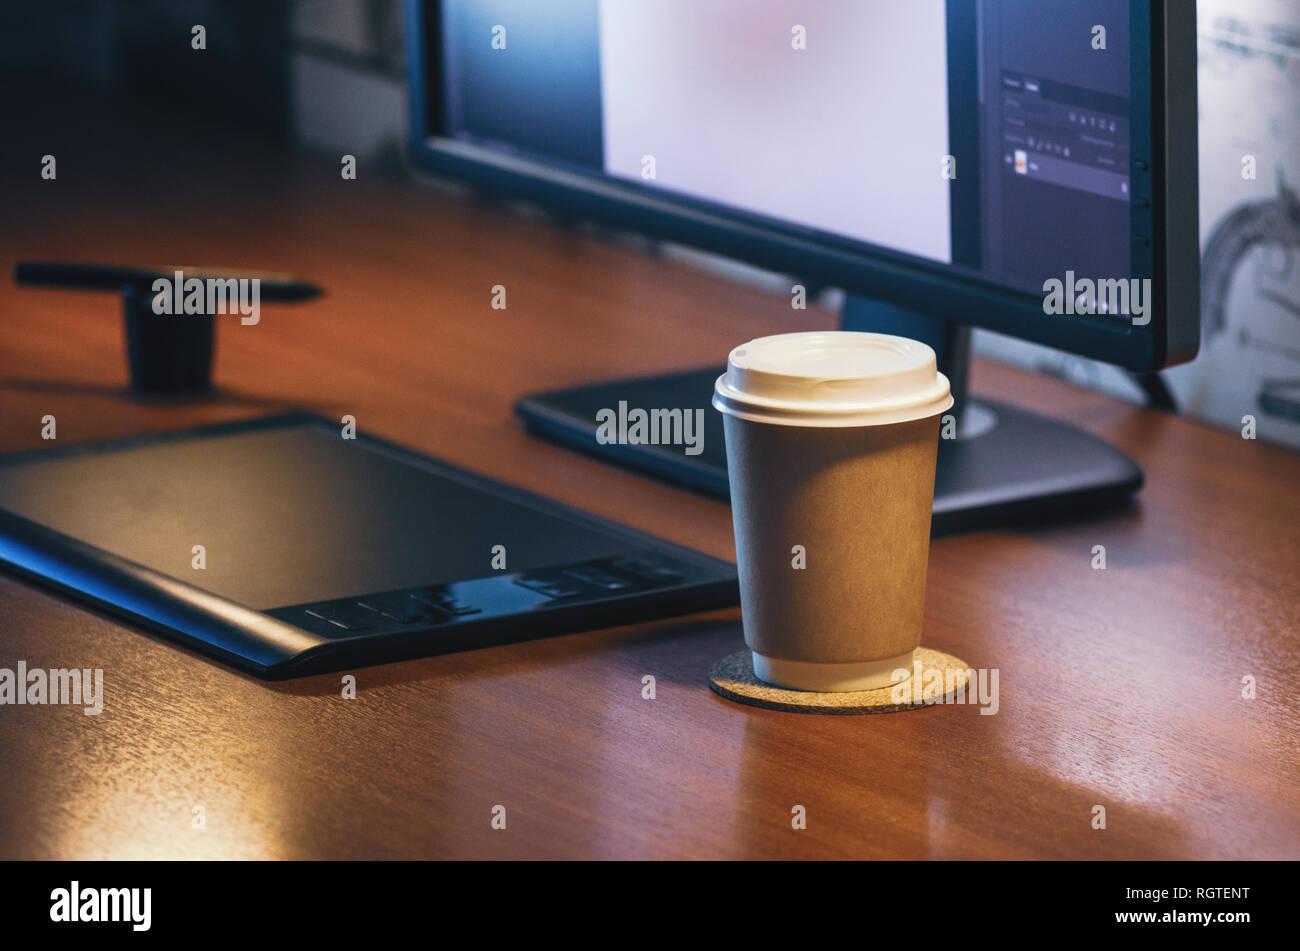 Pc von der Seite. Computer Graphics Tablet Tagebuch Tasse Kaffee. Konzept für die Website Banner, Mockup, Hintergrund, Präsentation und Marketing Material Stockbild